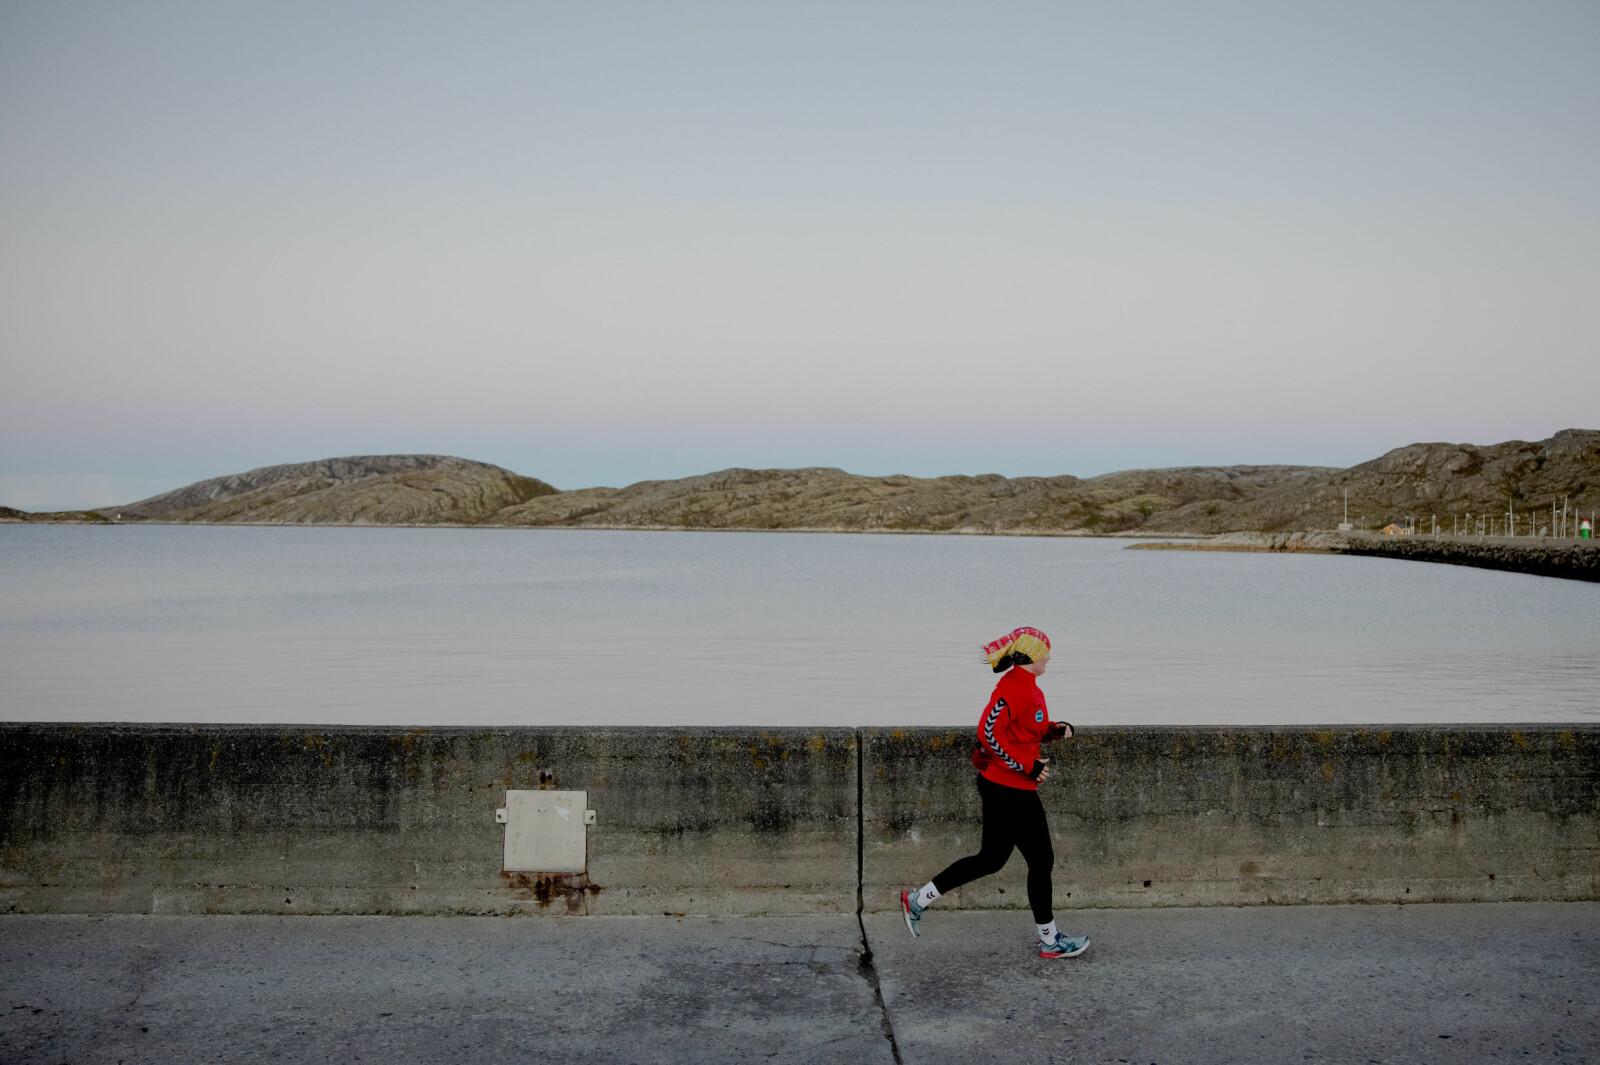 Kvar morgon, før akademisk arbeid, tar Anne Tjønndal joggeturen gjennom Bodø sentrum med Vestfjorden og storhavet som nabo.